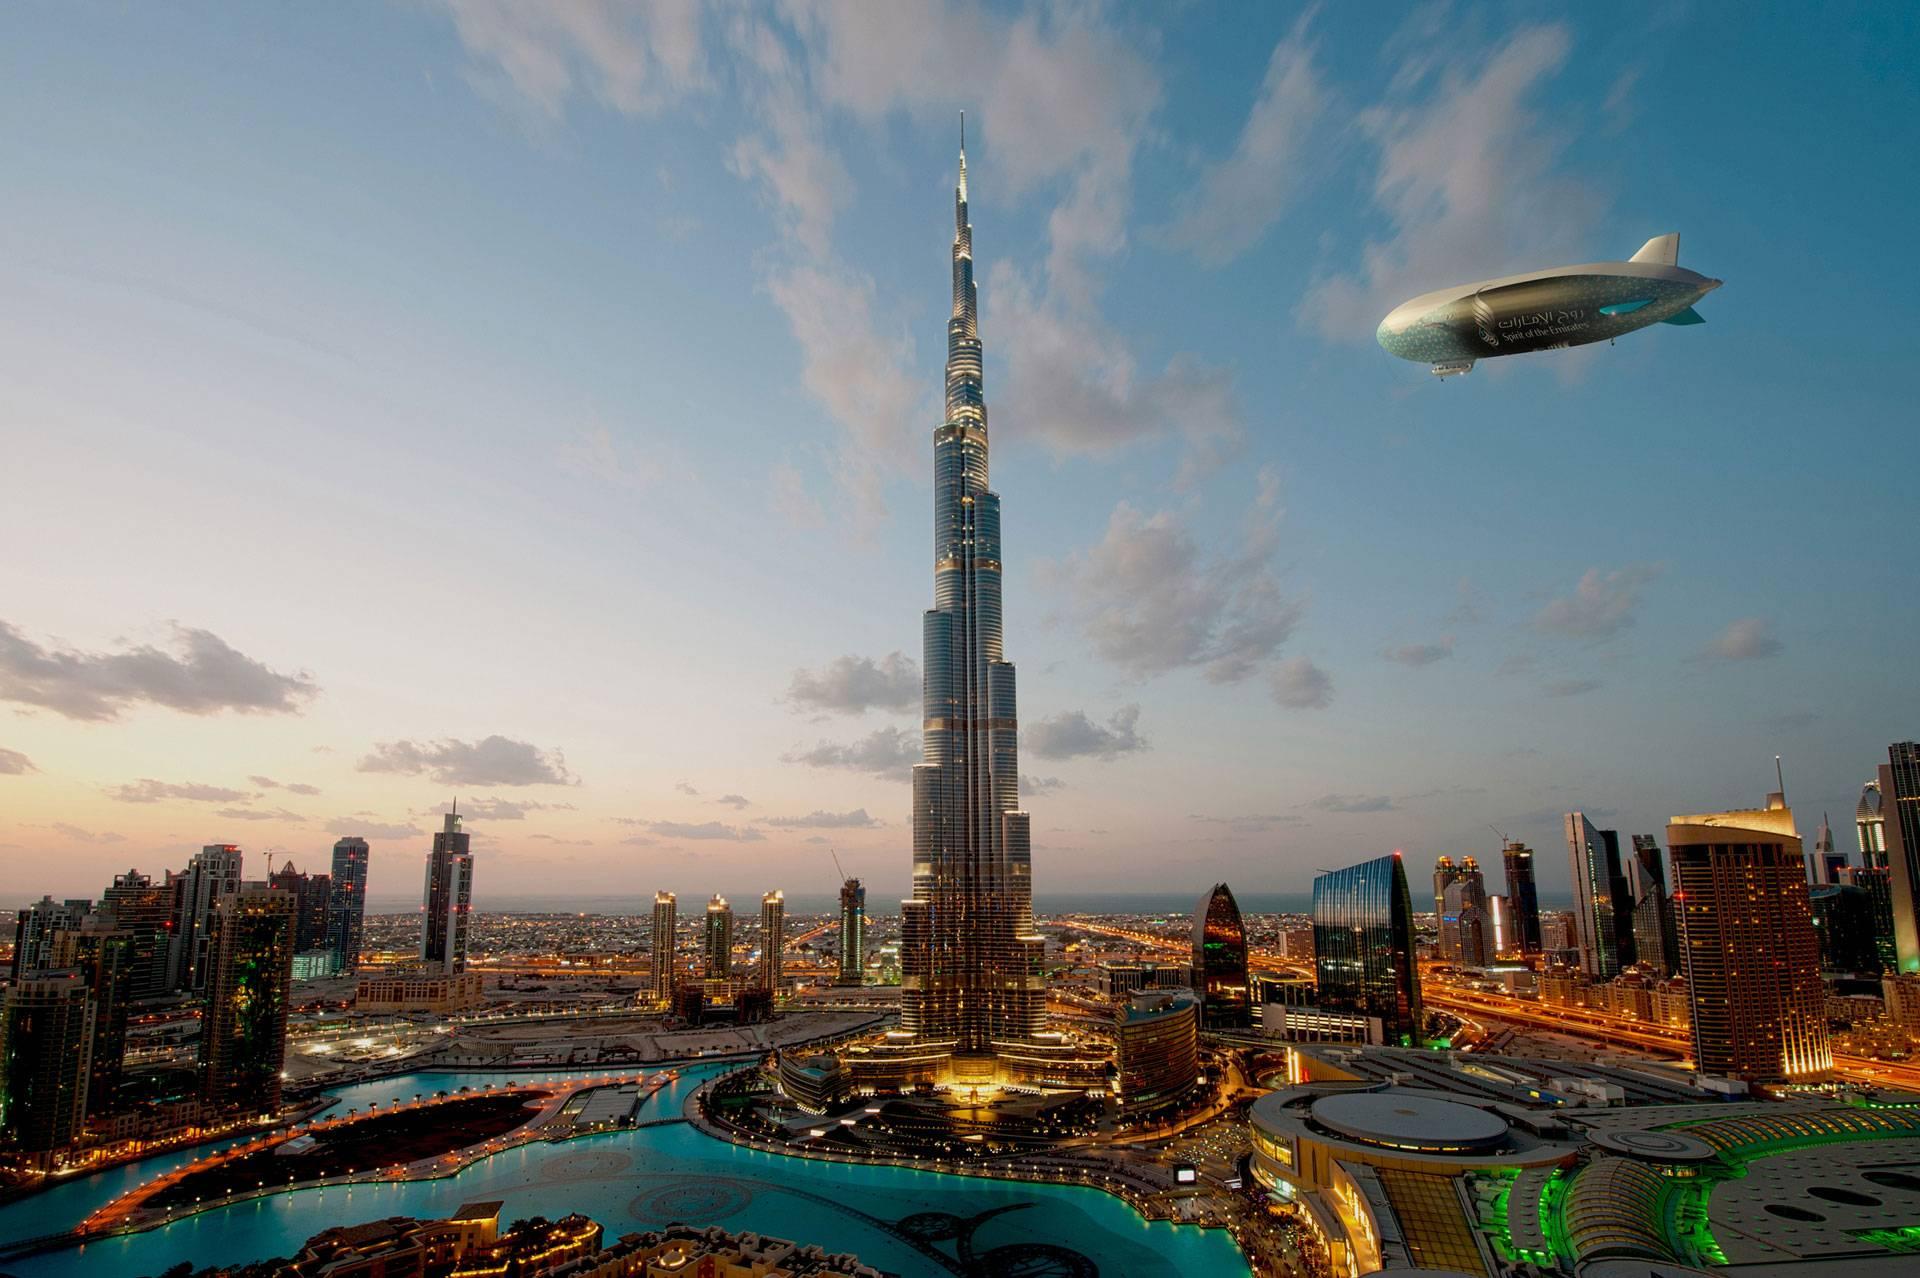 SPIRIT OF THE EMIRATES / UAE